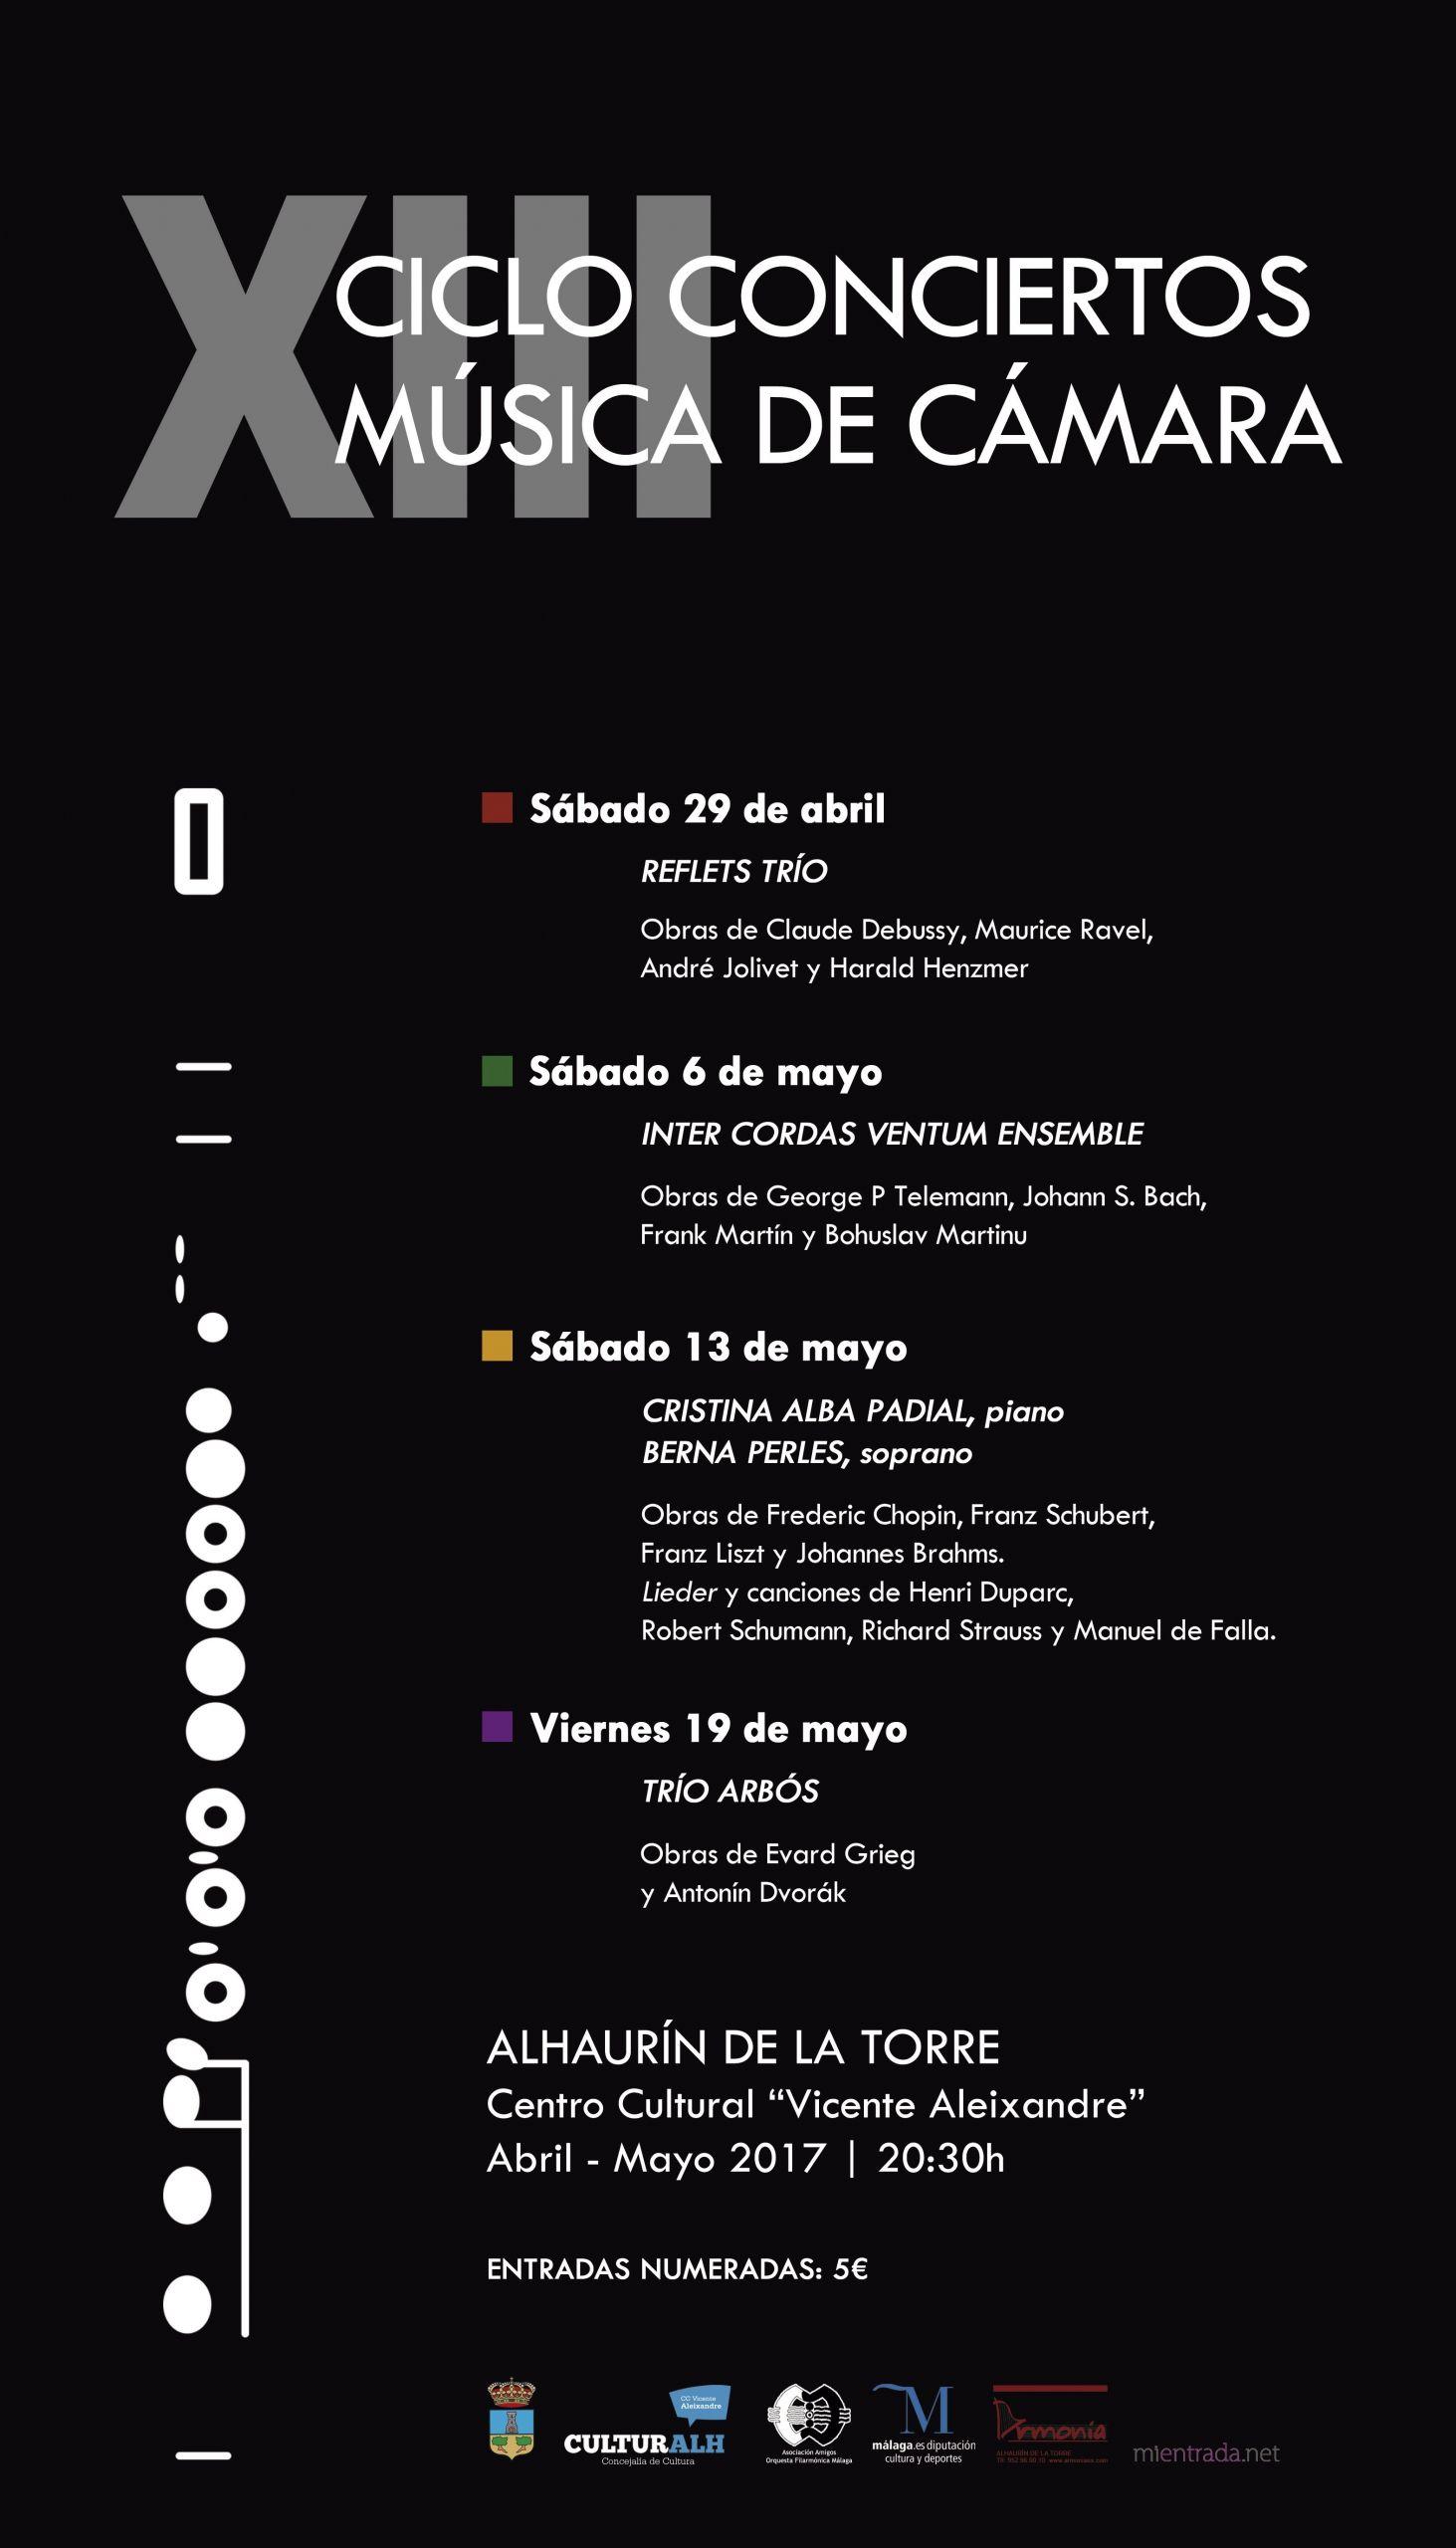 calendario escolar 2019 junta de andalucia mas actual el giraldillo todos los eventos del 5 de mayo en andaluca of calendario escolar 2019 junta de andalucia